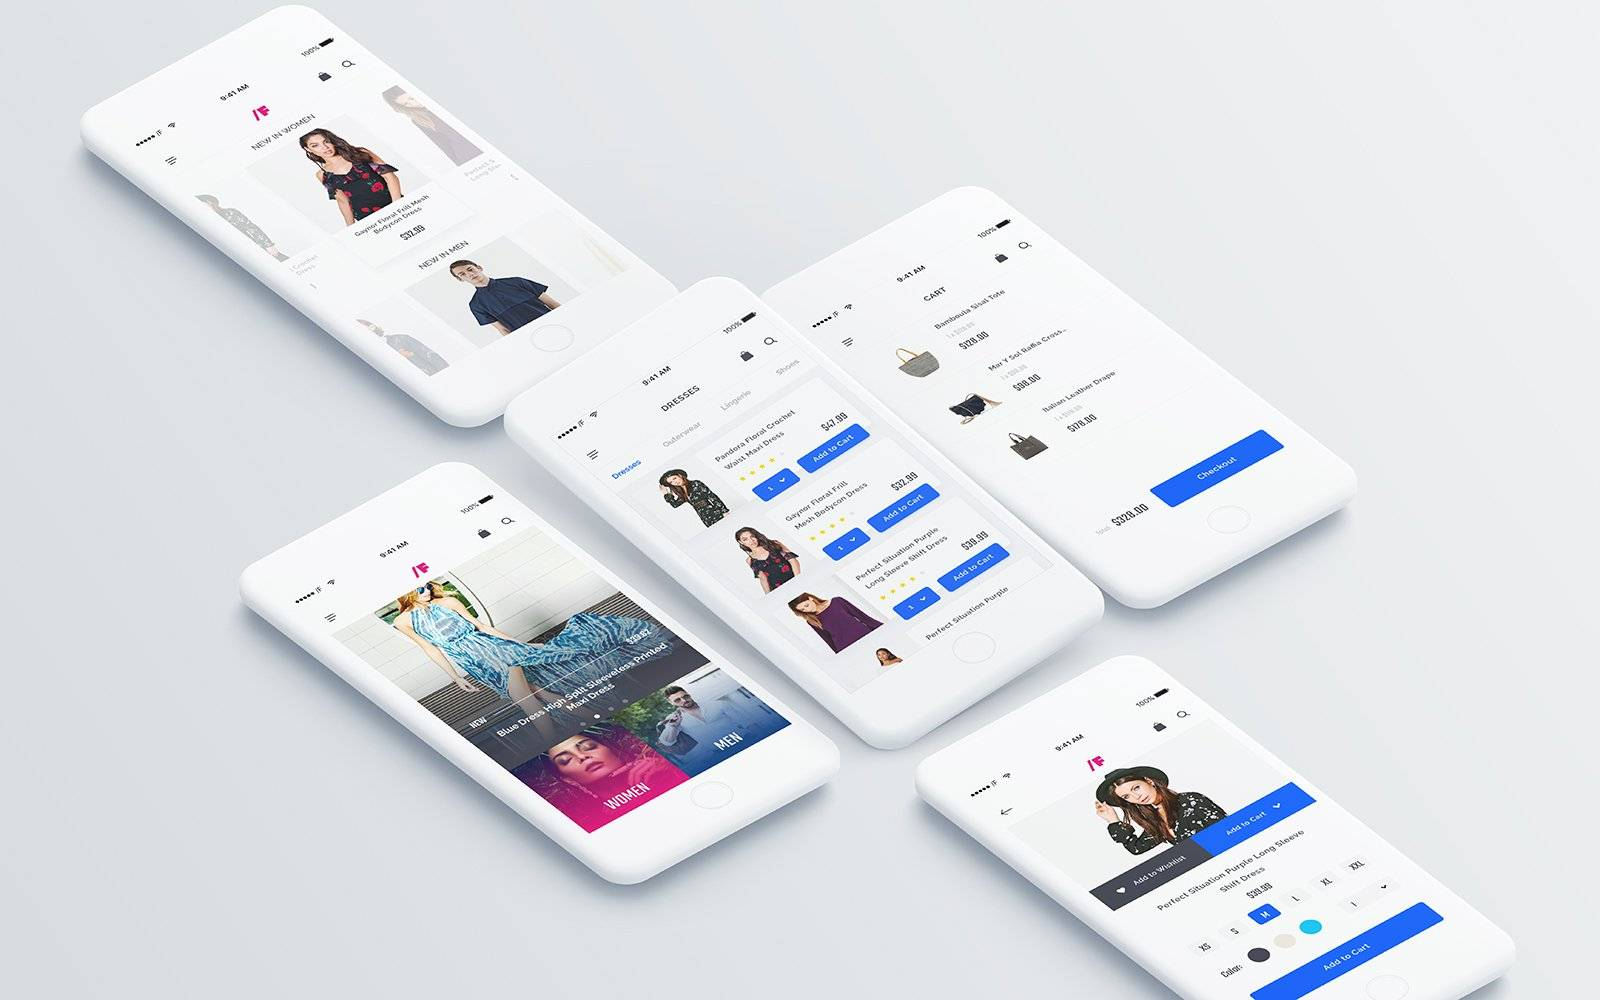 电商购物时尚Fashion AppUI界面设计 sketch素材下载 界面-第1张